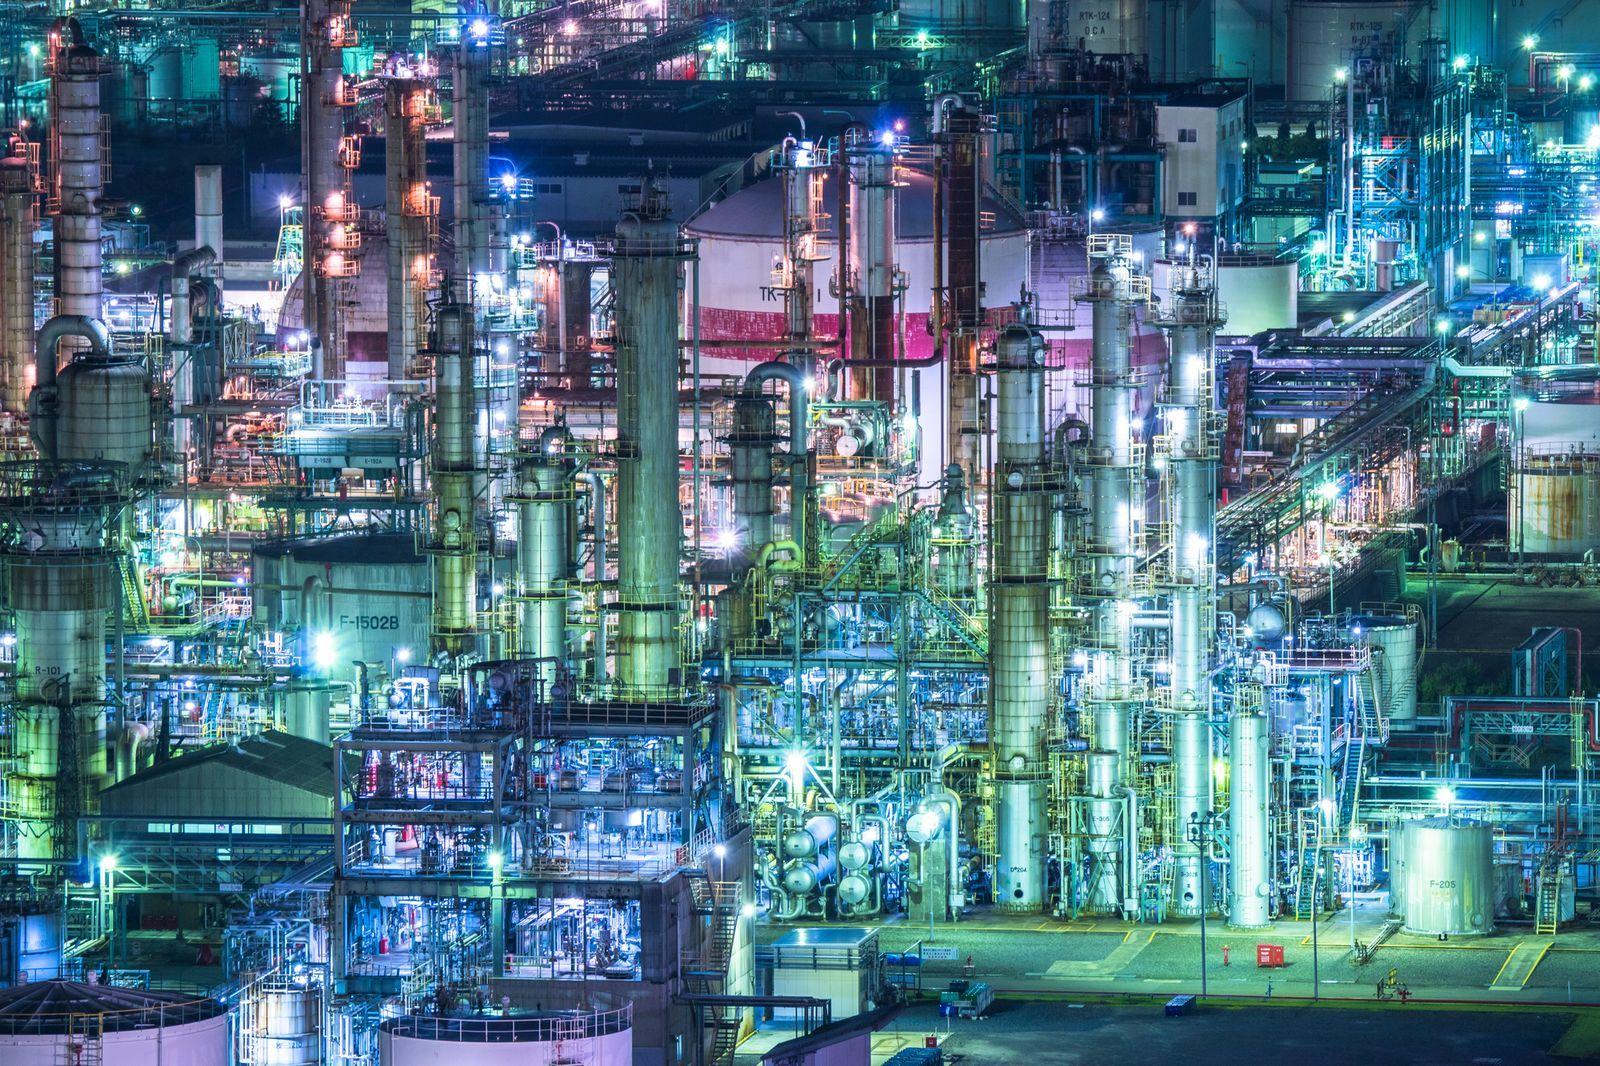 工場萌え にあなたも虜 絶景すぎる工場夜景ベスト5 8枚目の画像